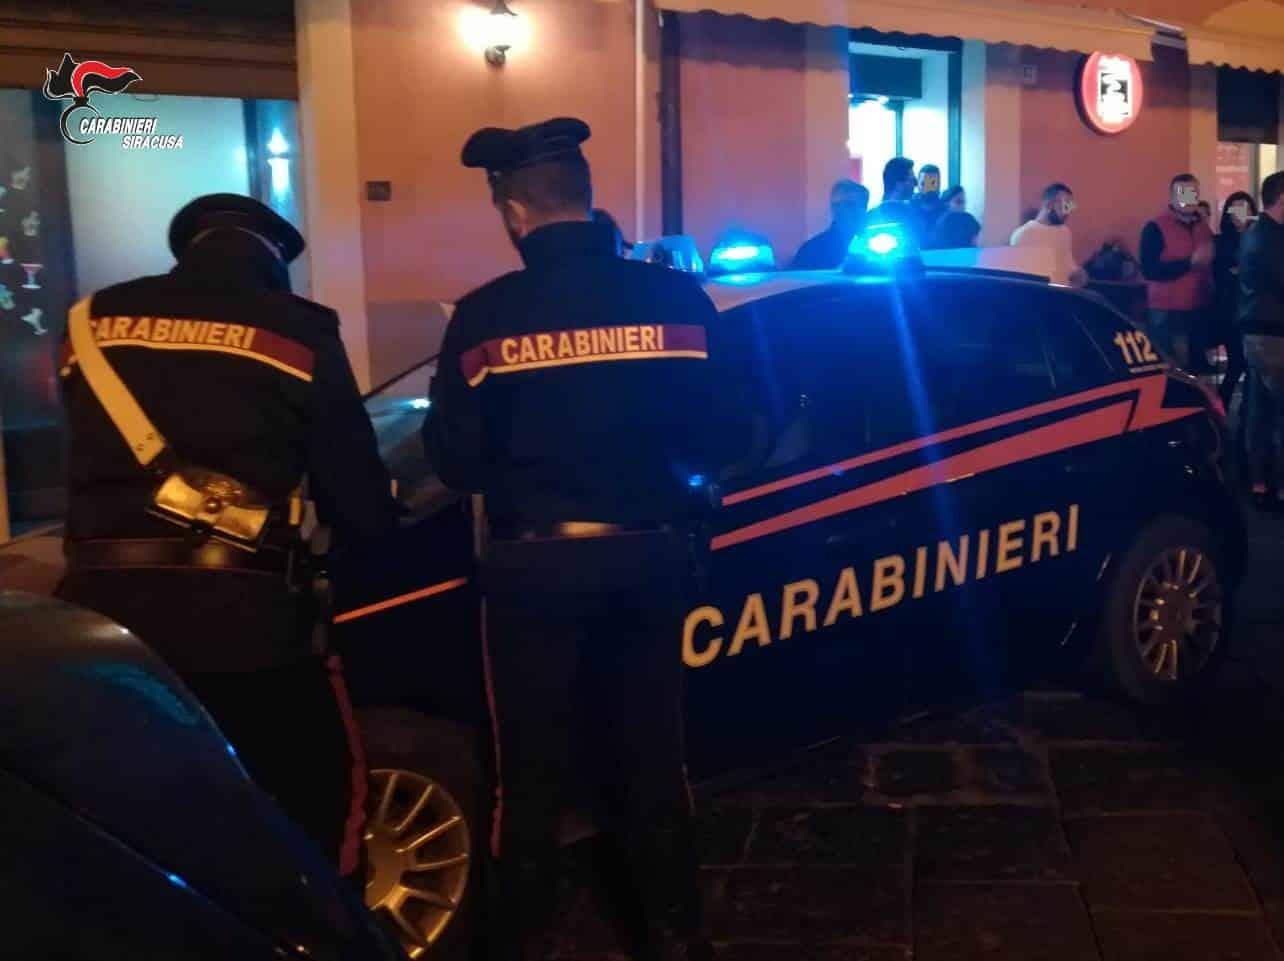 Sicilia zona arancione, arriva il bilancio della scorsa zona rossa: quasi 4mila controlli, 490 sanzioni, chiuse attività